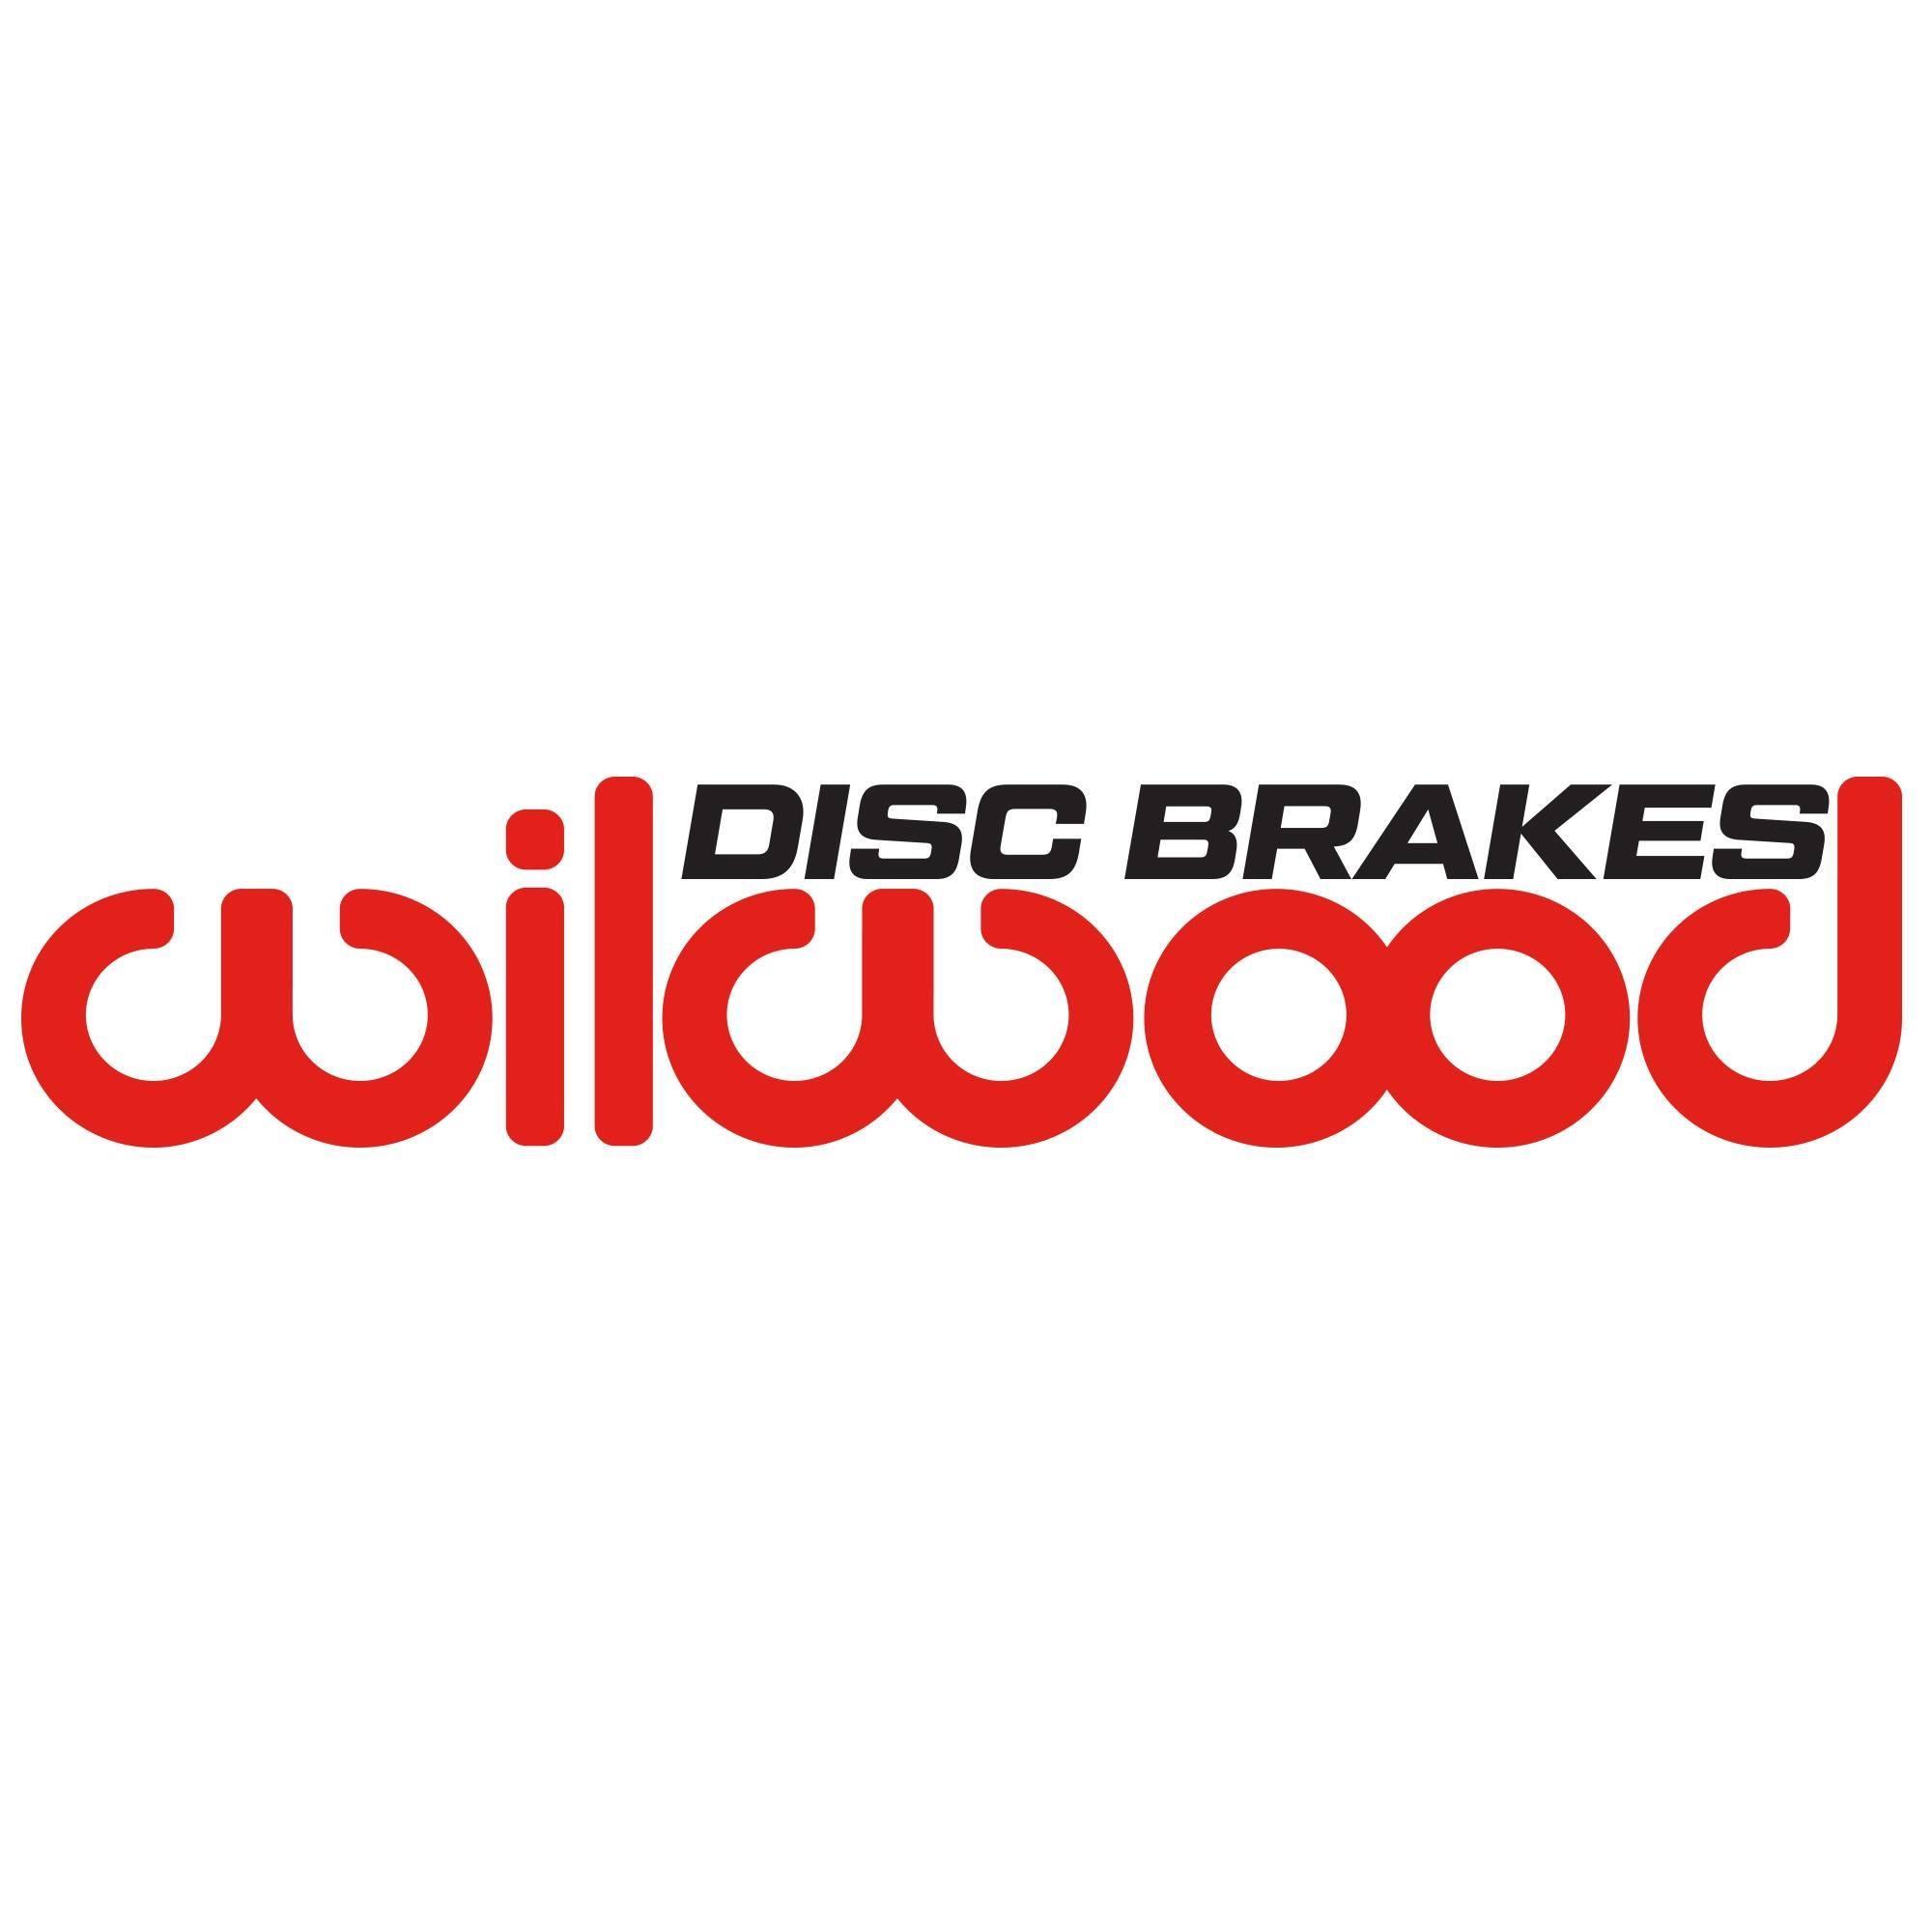 Wilwood-logo